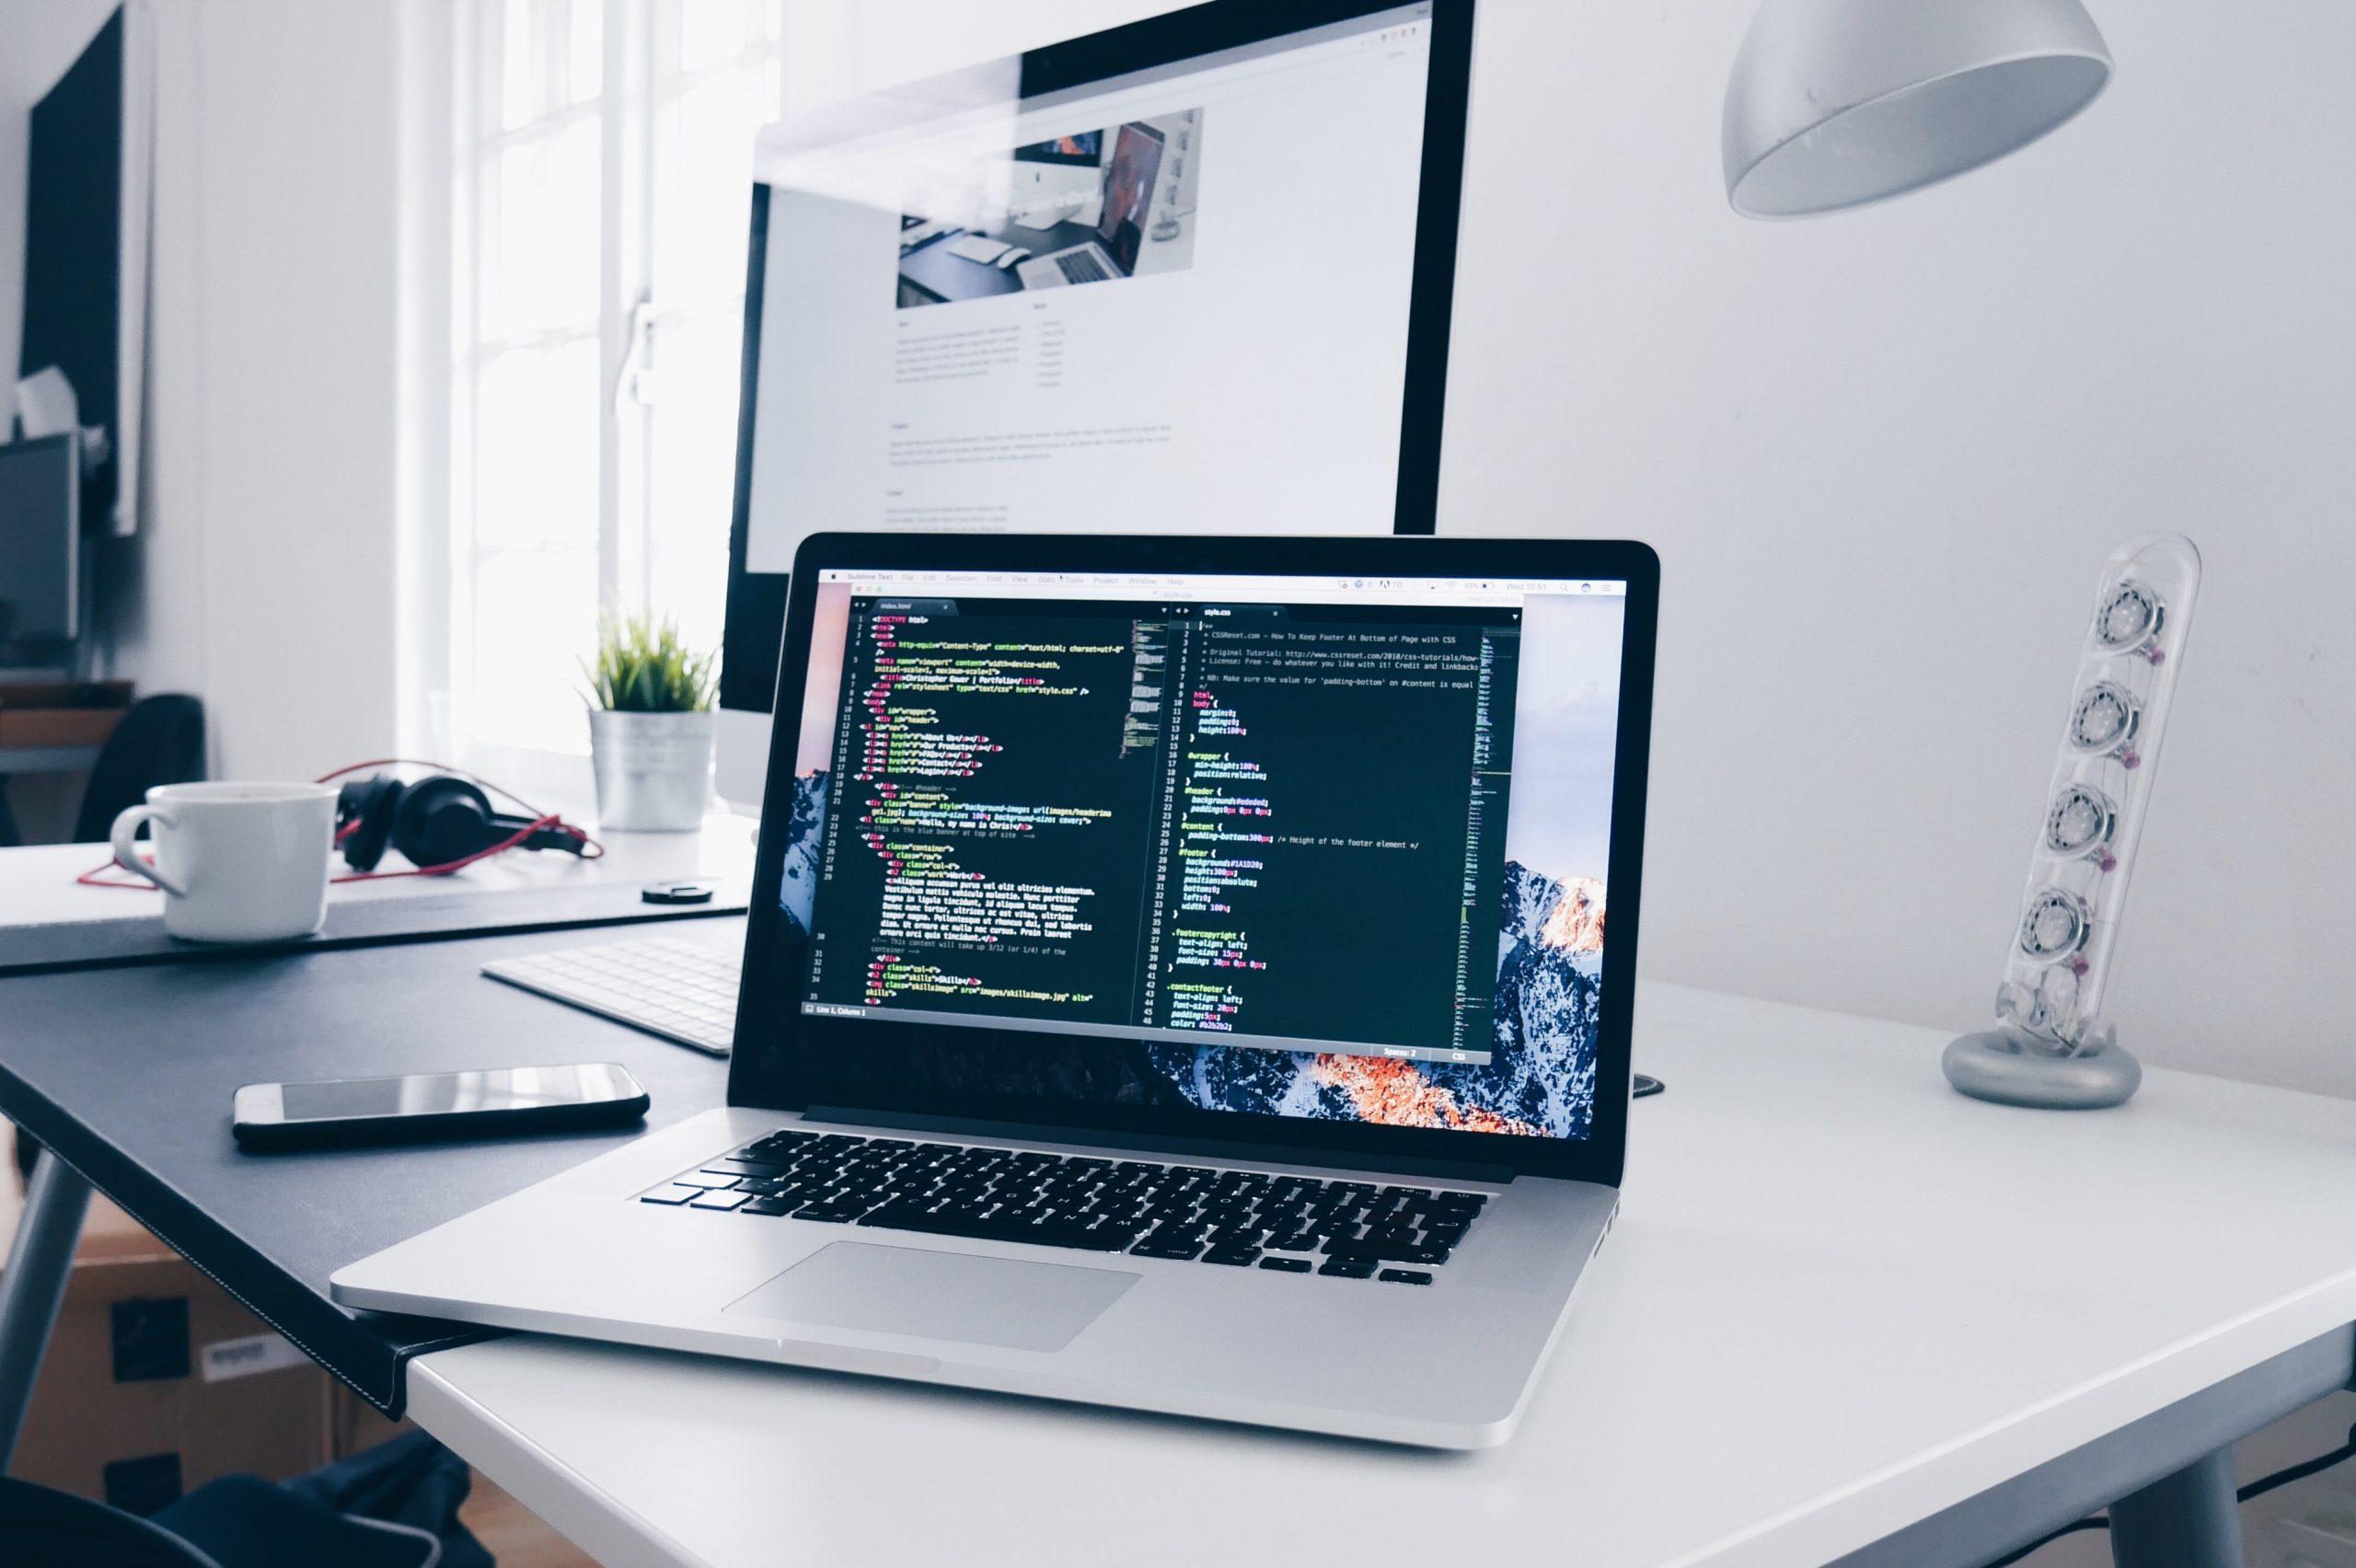 5 aandachtspunten bij het kopen van een laptop